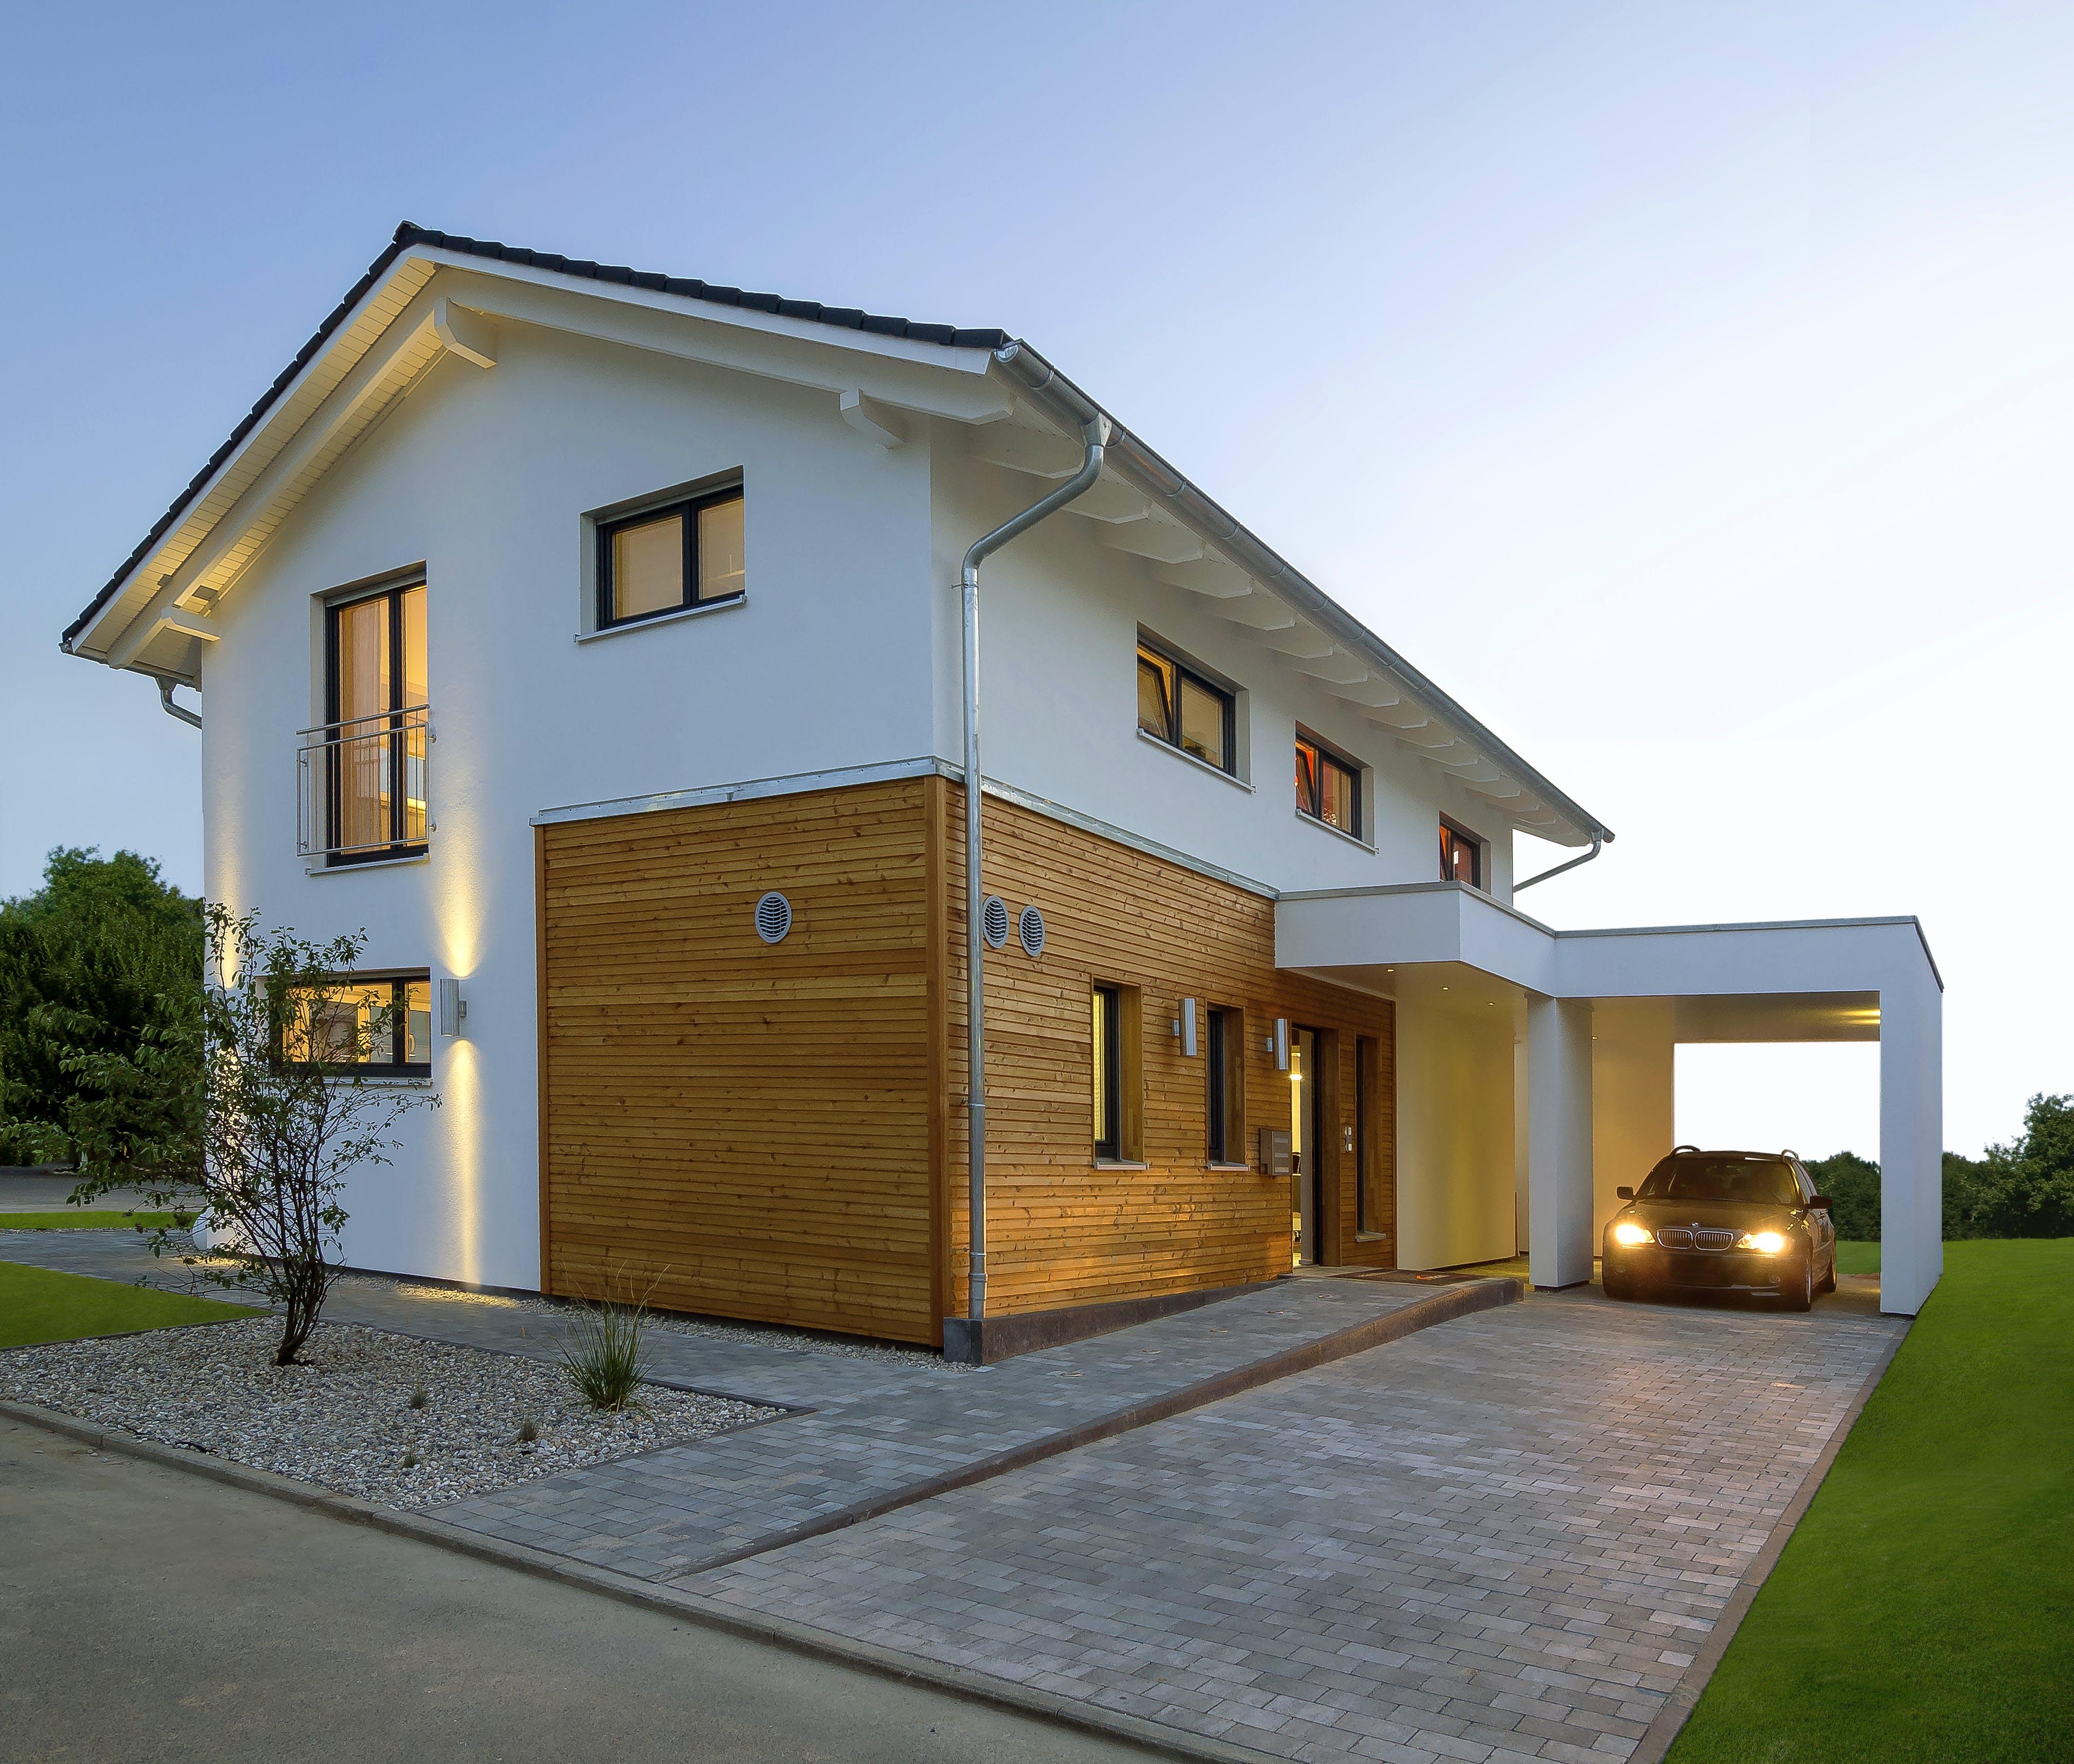 Häuser mit Carport - Preise | Anbieter | Infos